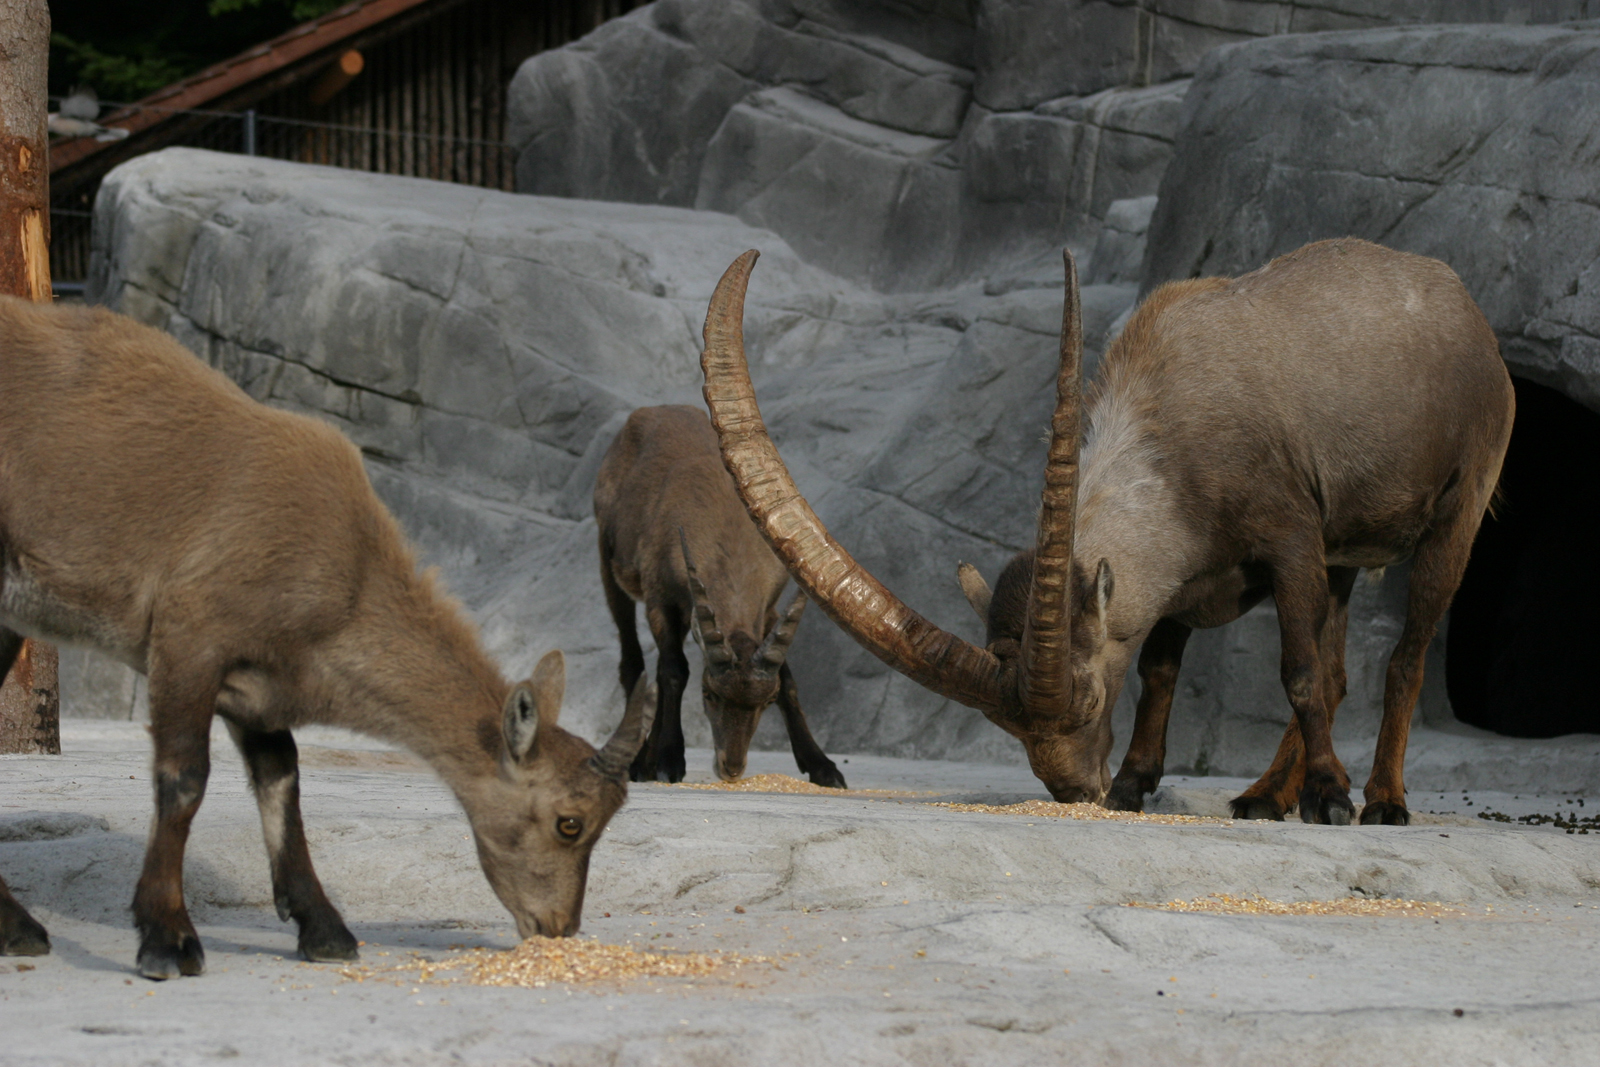 Füttern ist erlaubt im Tierpark Peter und Paul